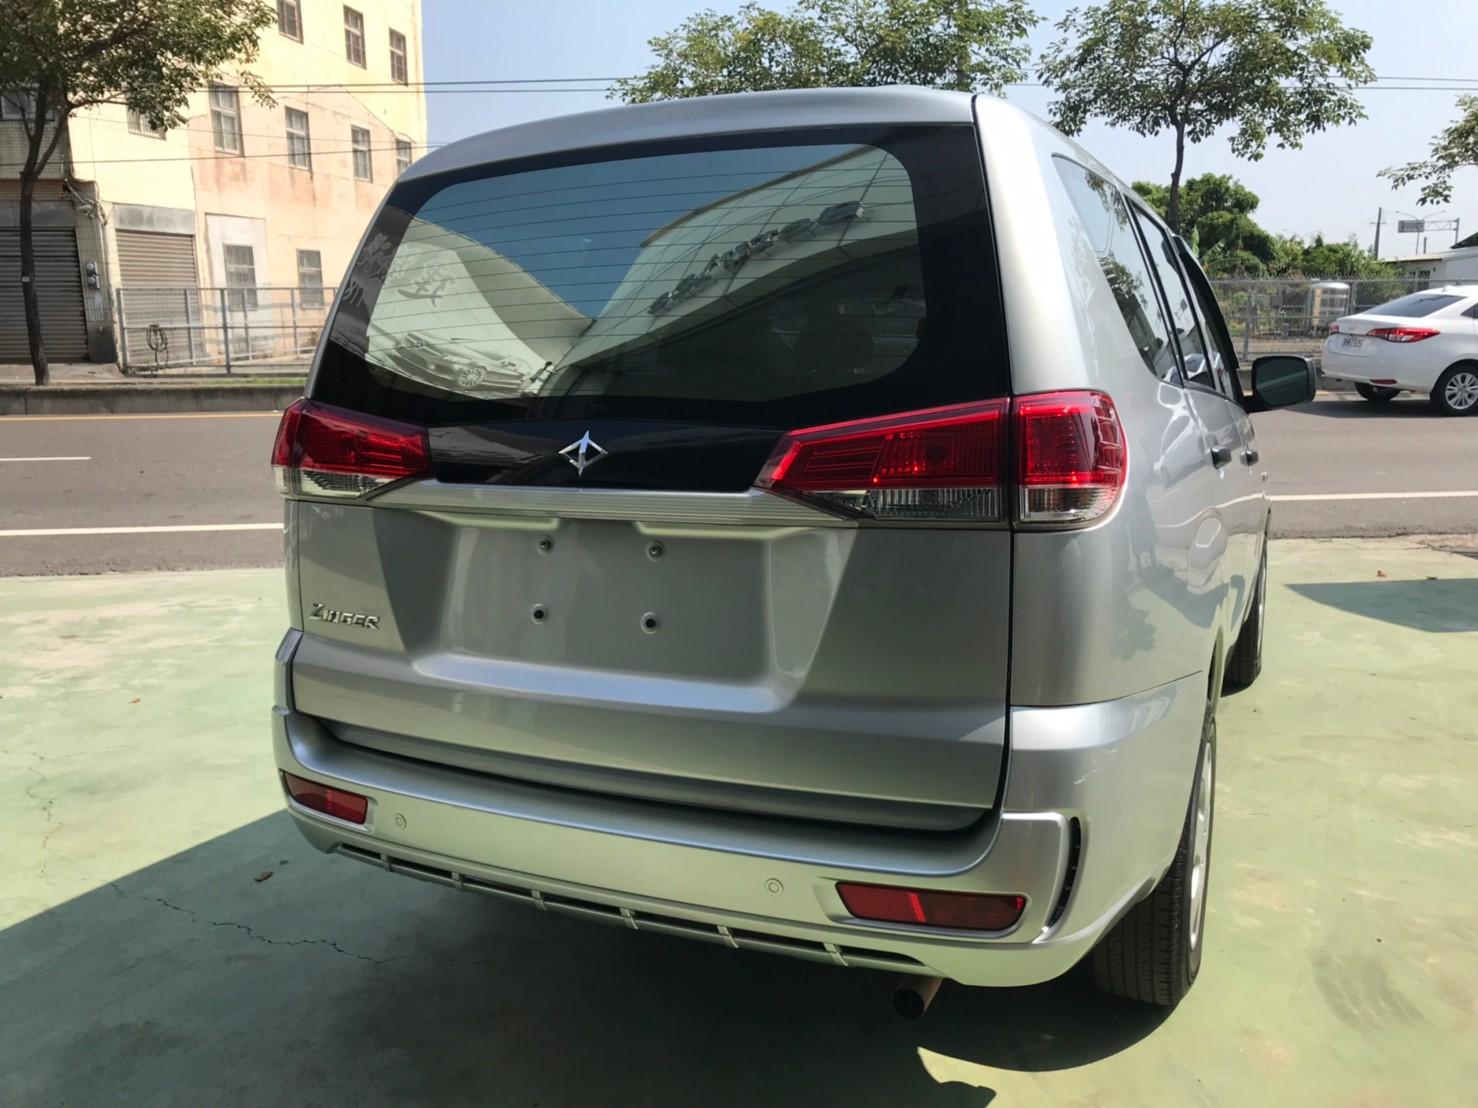 2018勁歌 銀 里程保證4萬多 優質商用車 39.8萬  可認證_210828_0